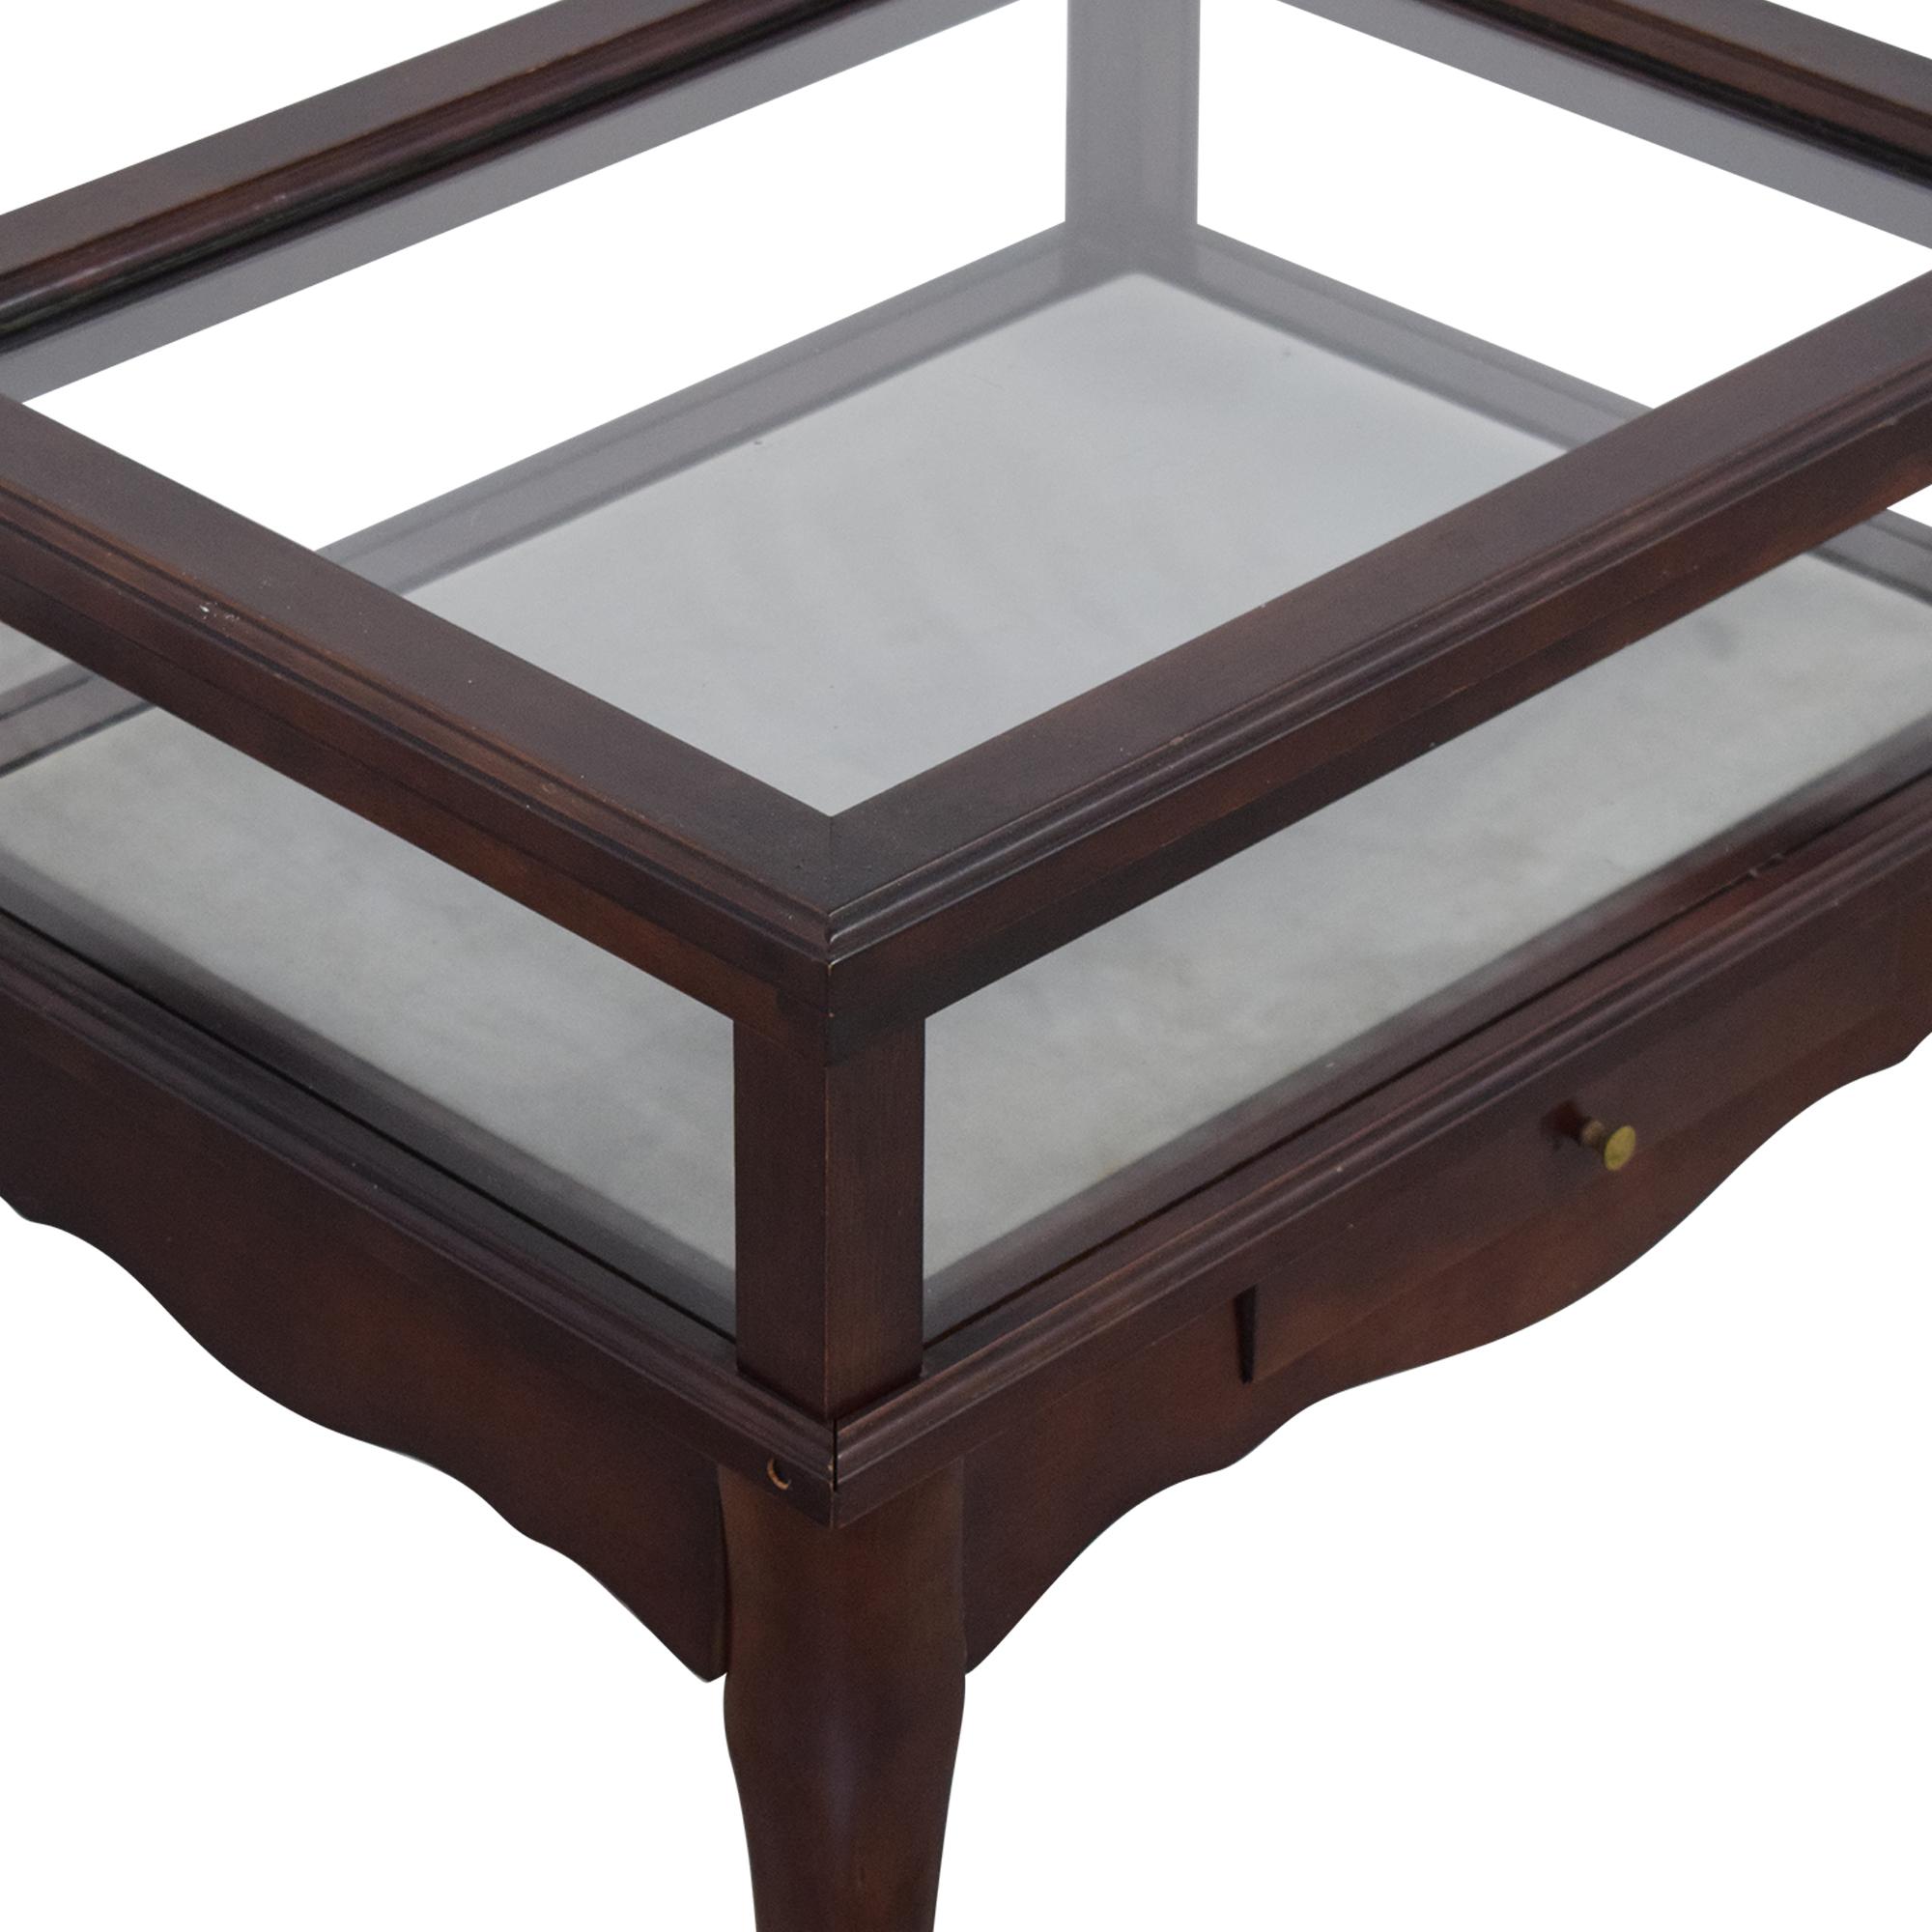 Bombay Company Bombay Company Display Table ct